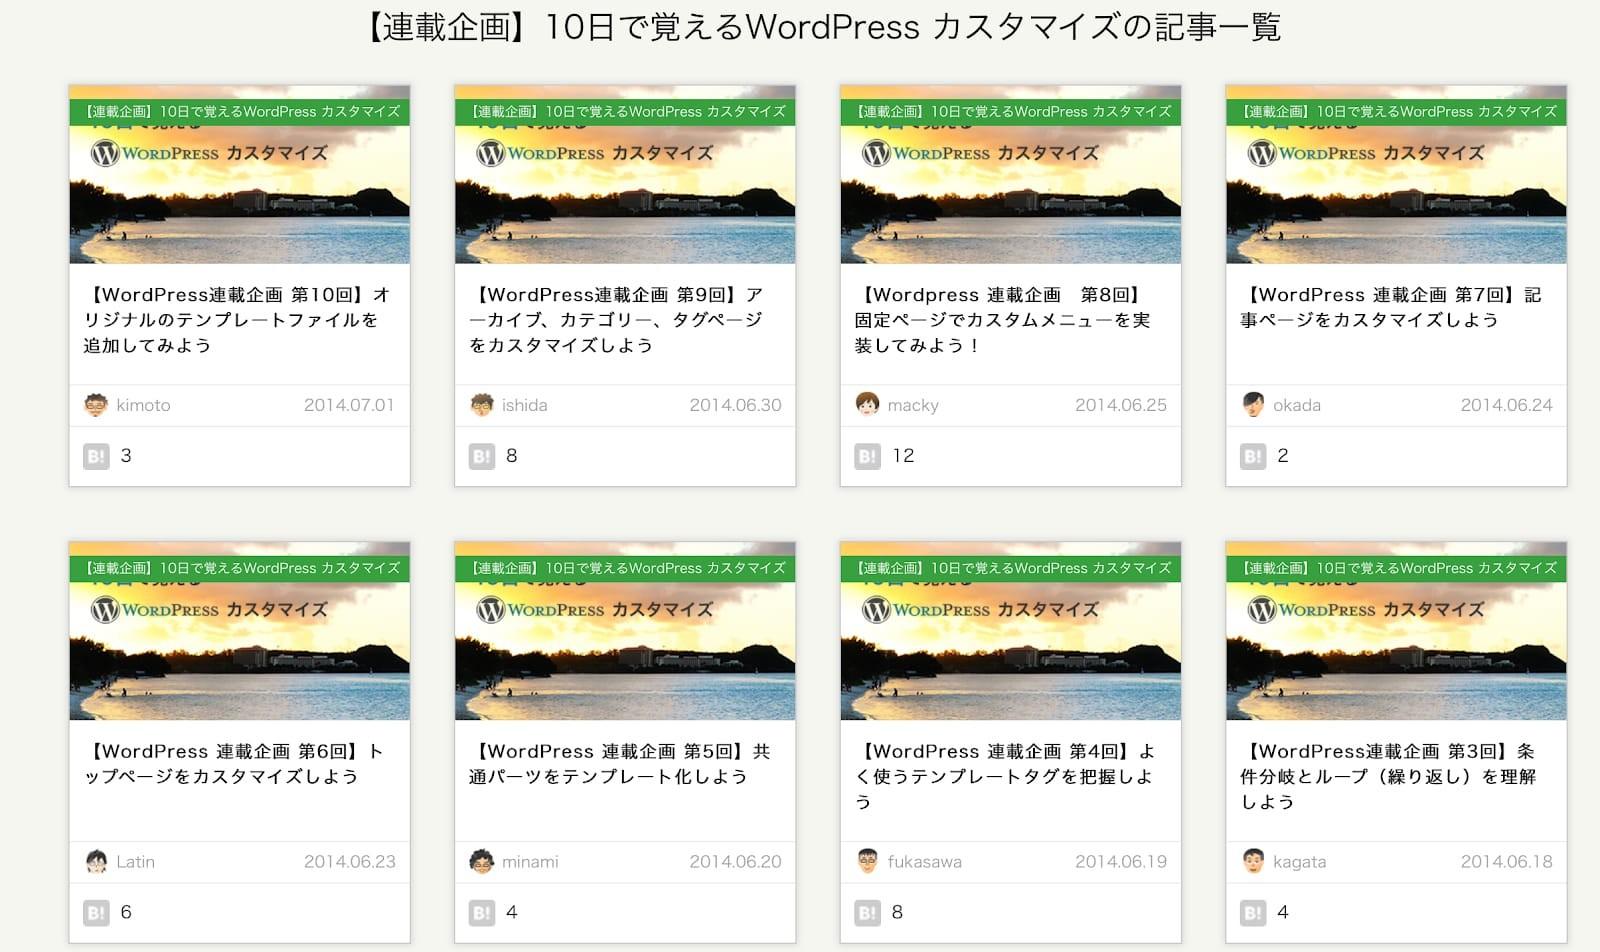 10日で覚えるWordPress カスタマイズの記事一覧